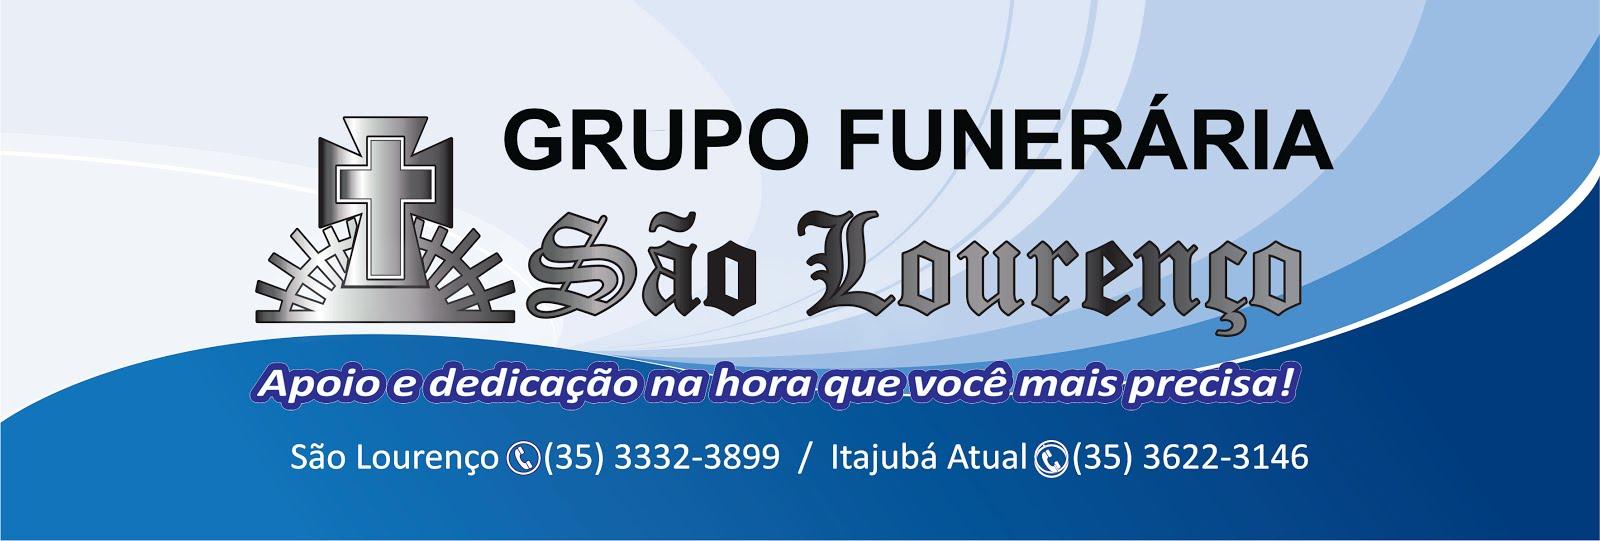 Grupo Funerária São Lourenço